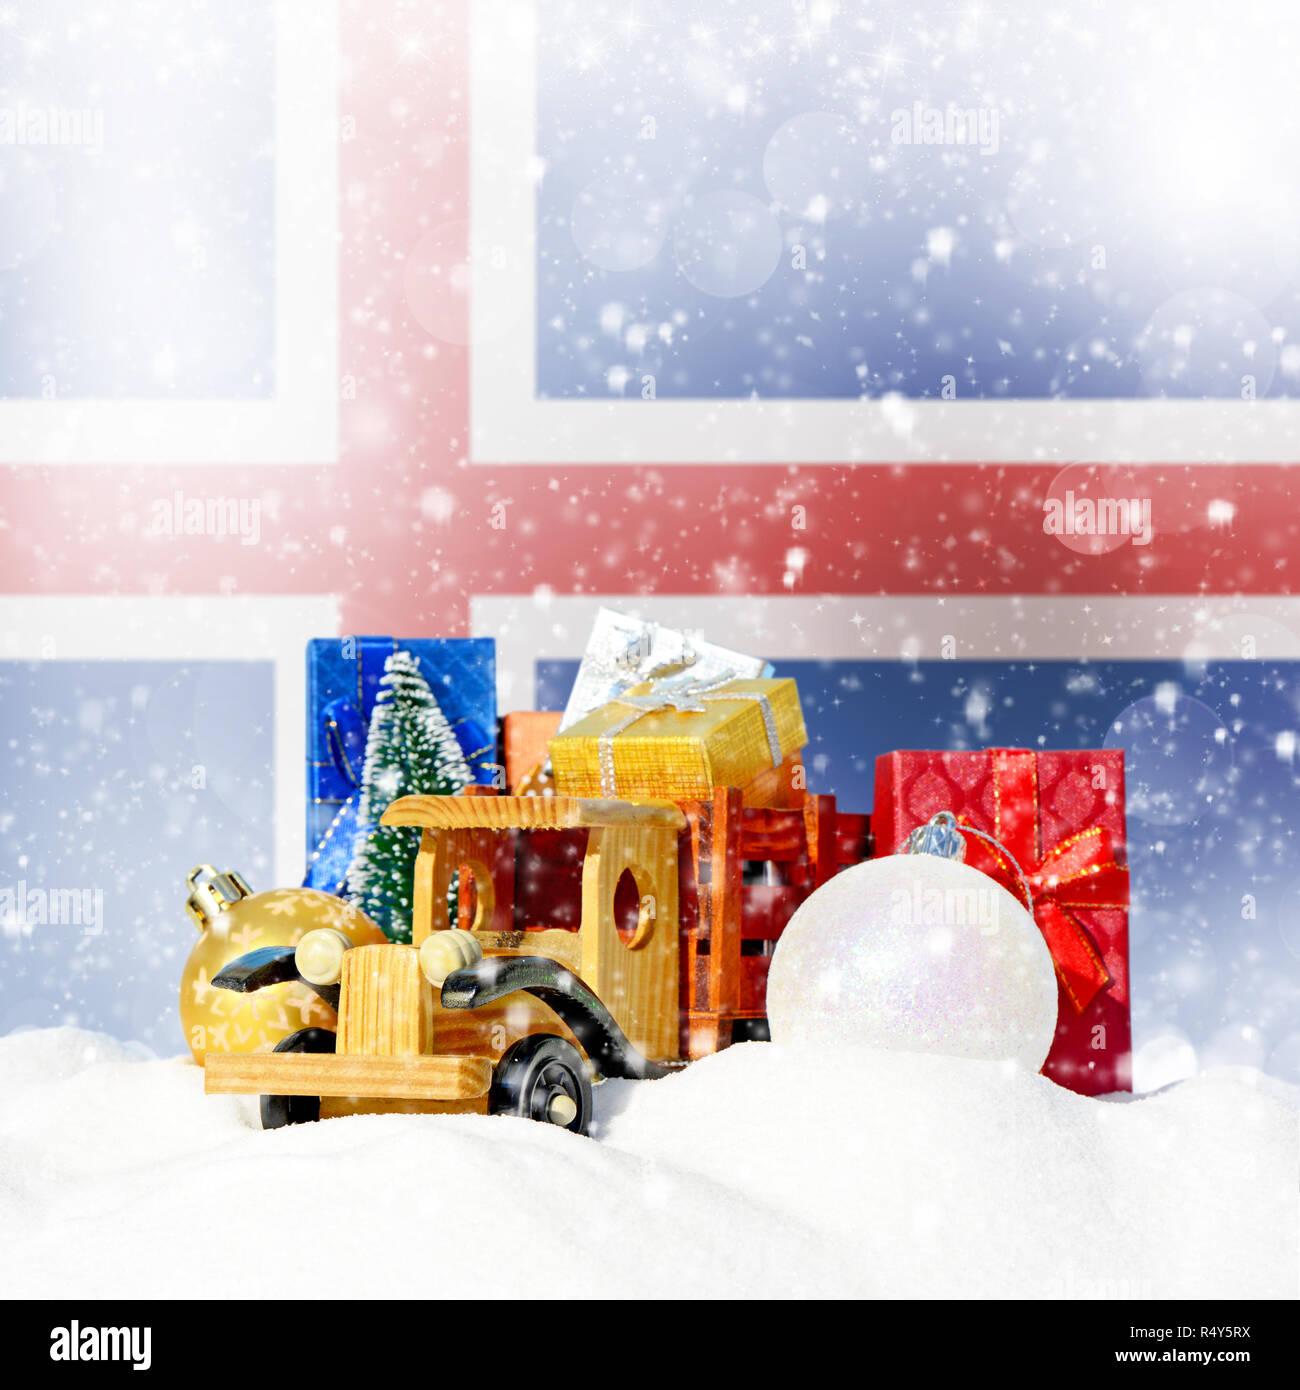 Isländisch Frohe Weihnachten.Weihnachten Hintergrund Spielzeug Lkw Mit Geschenken Neues Jahr